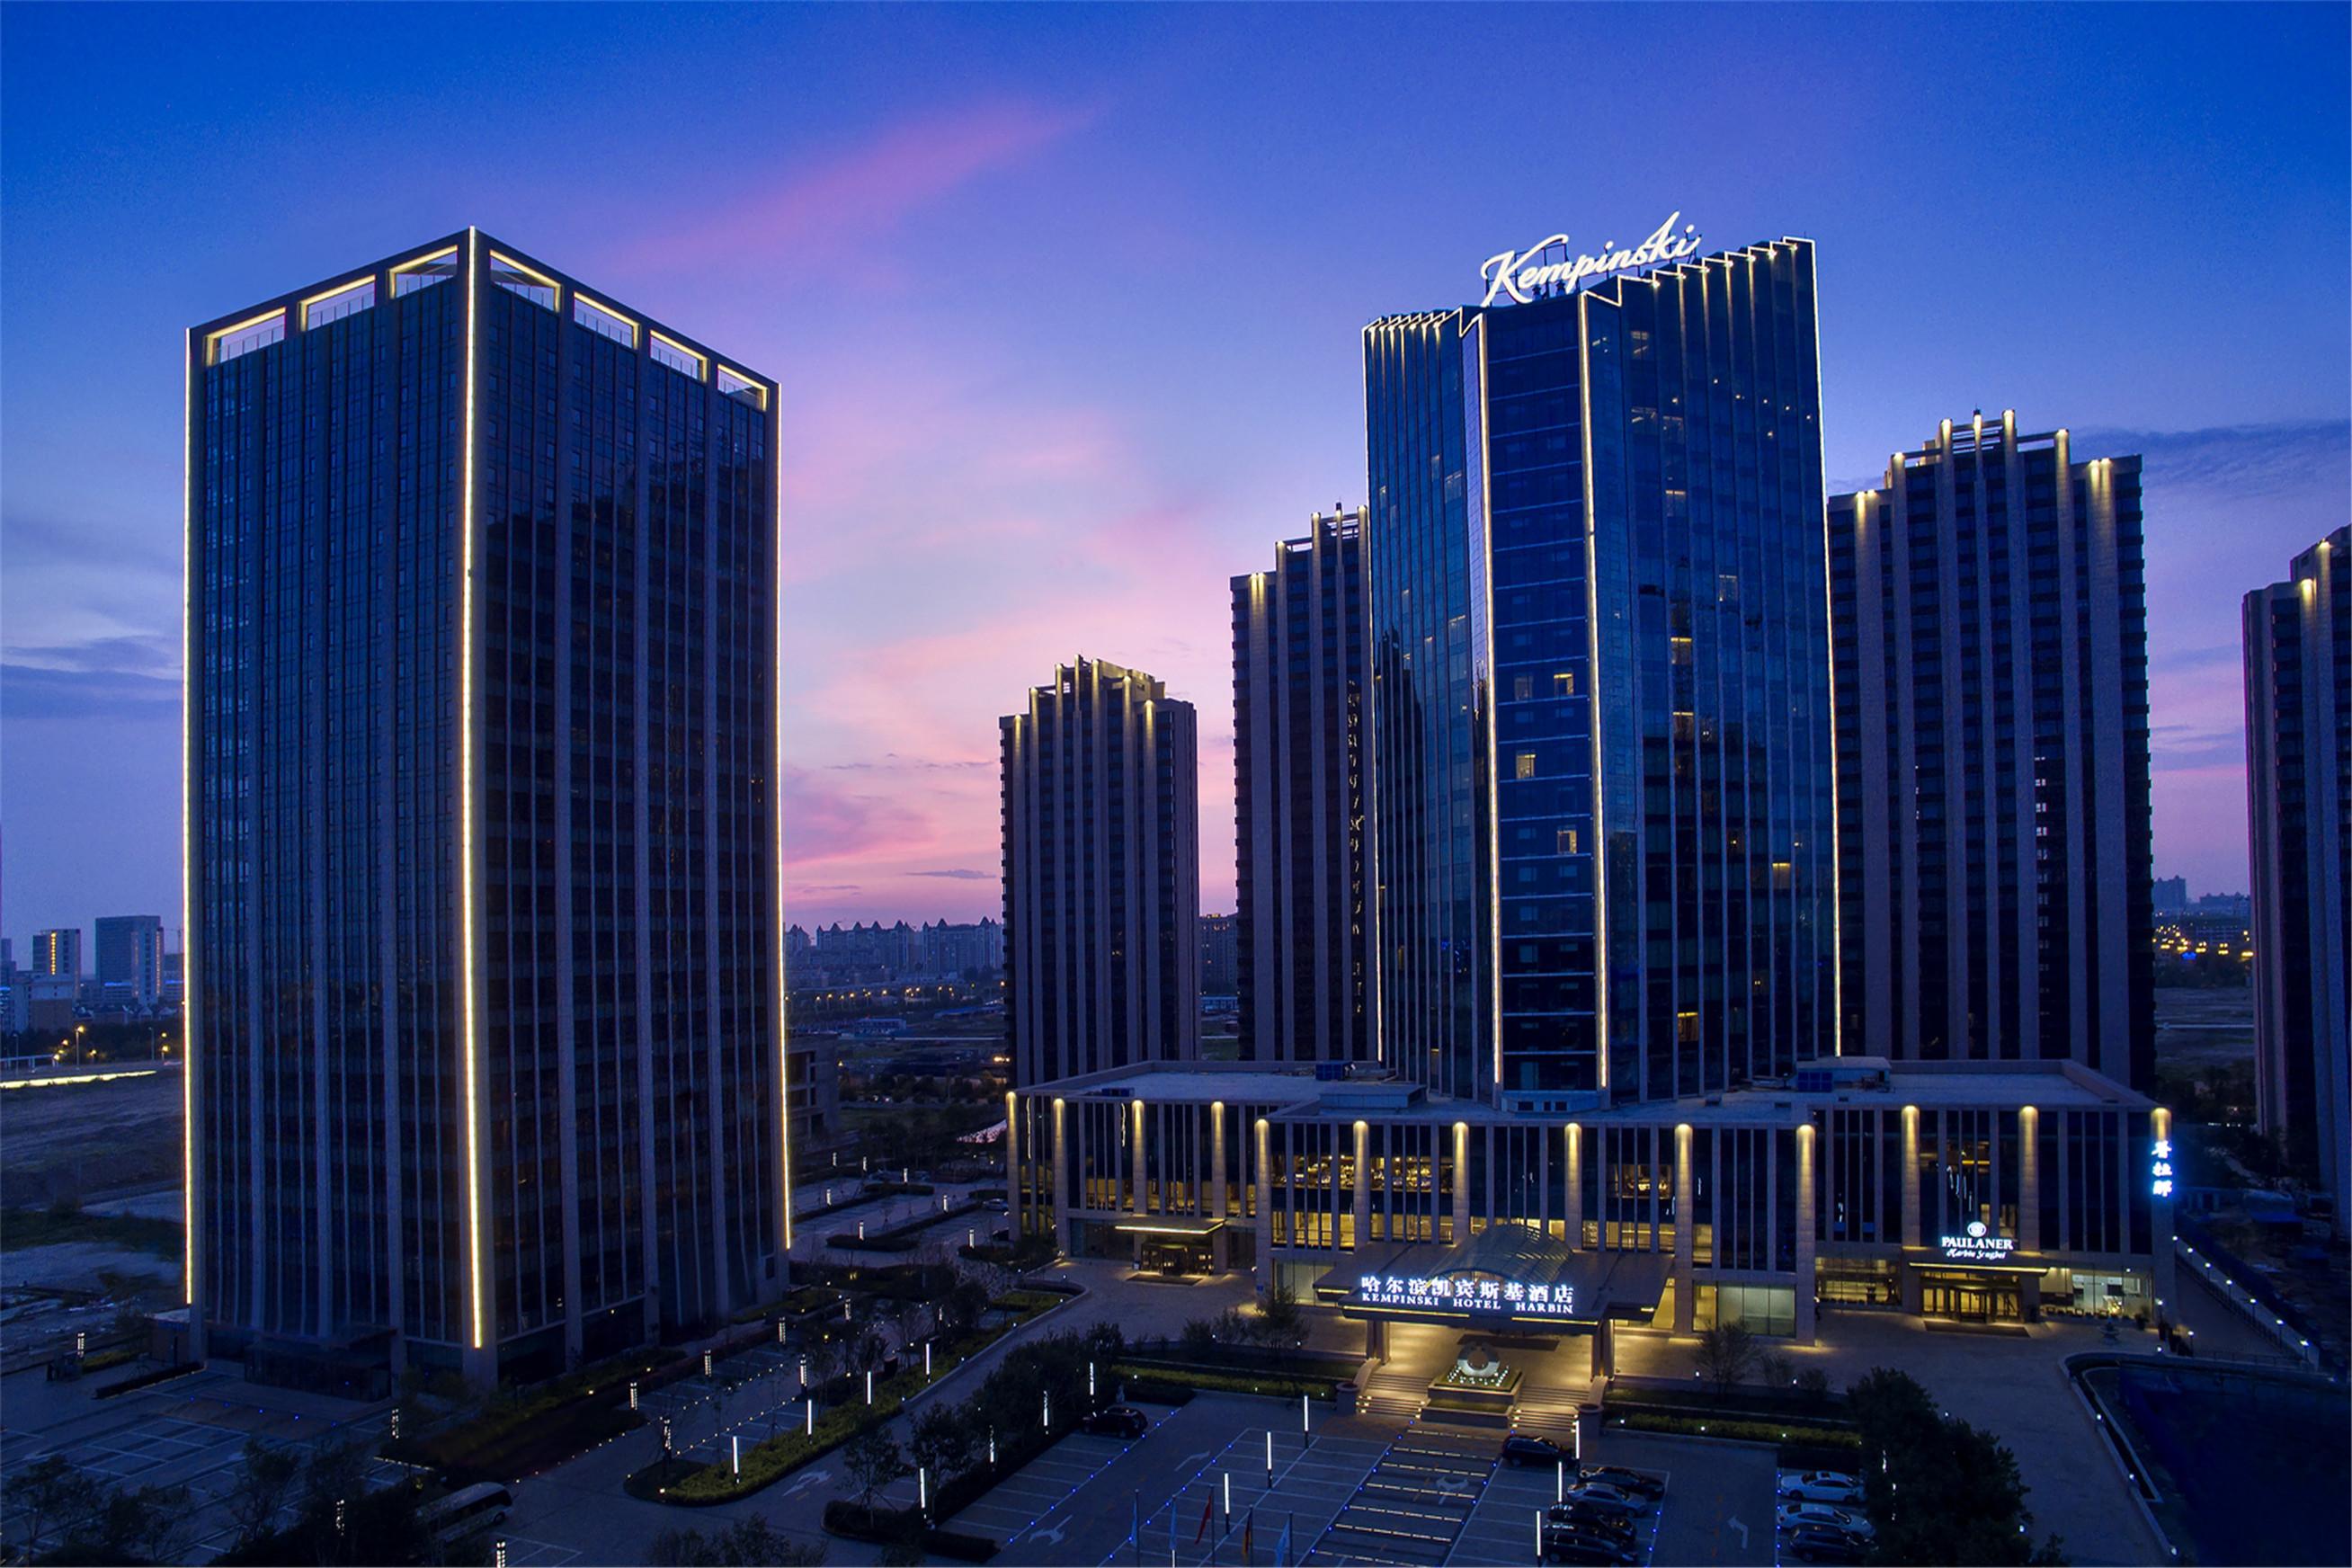 郑州玉米楼夜景图片